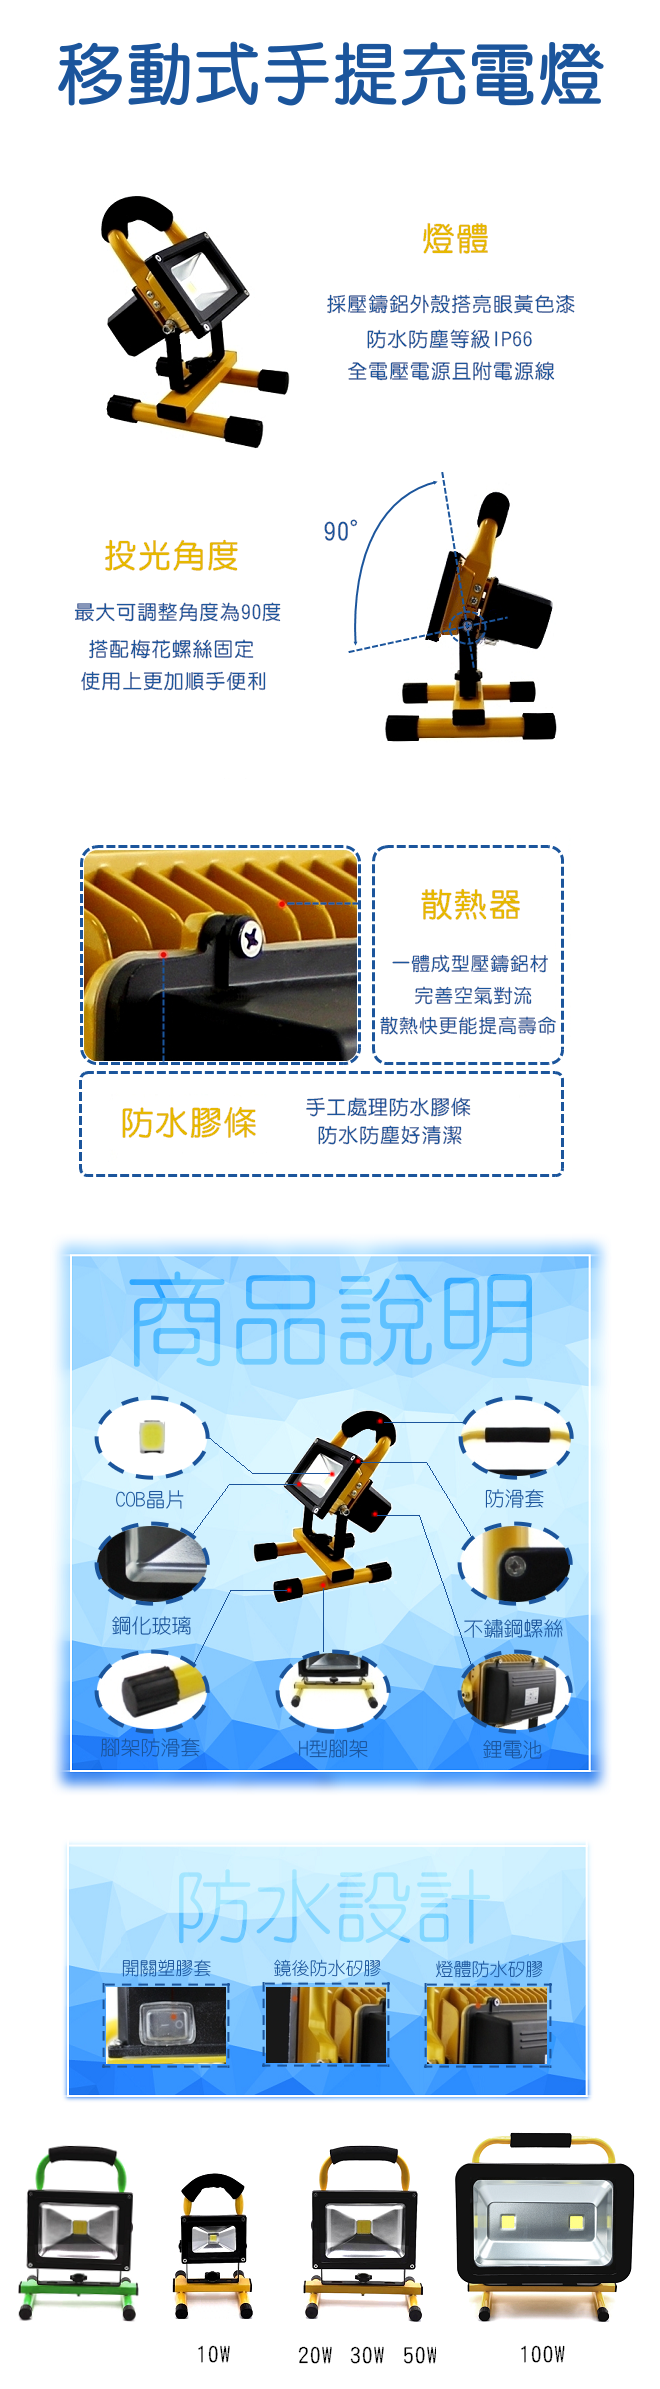 移動式手提充電燈介紹